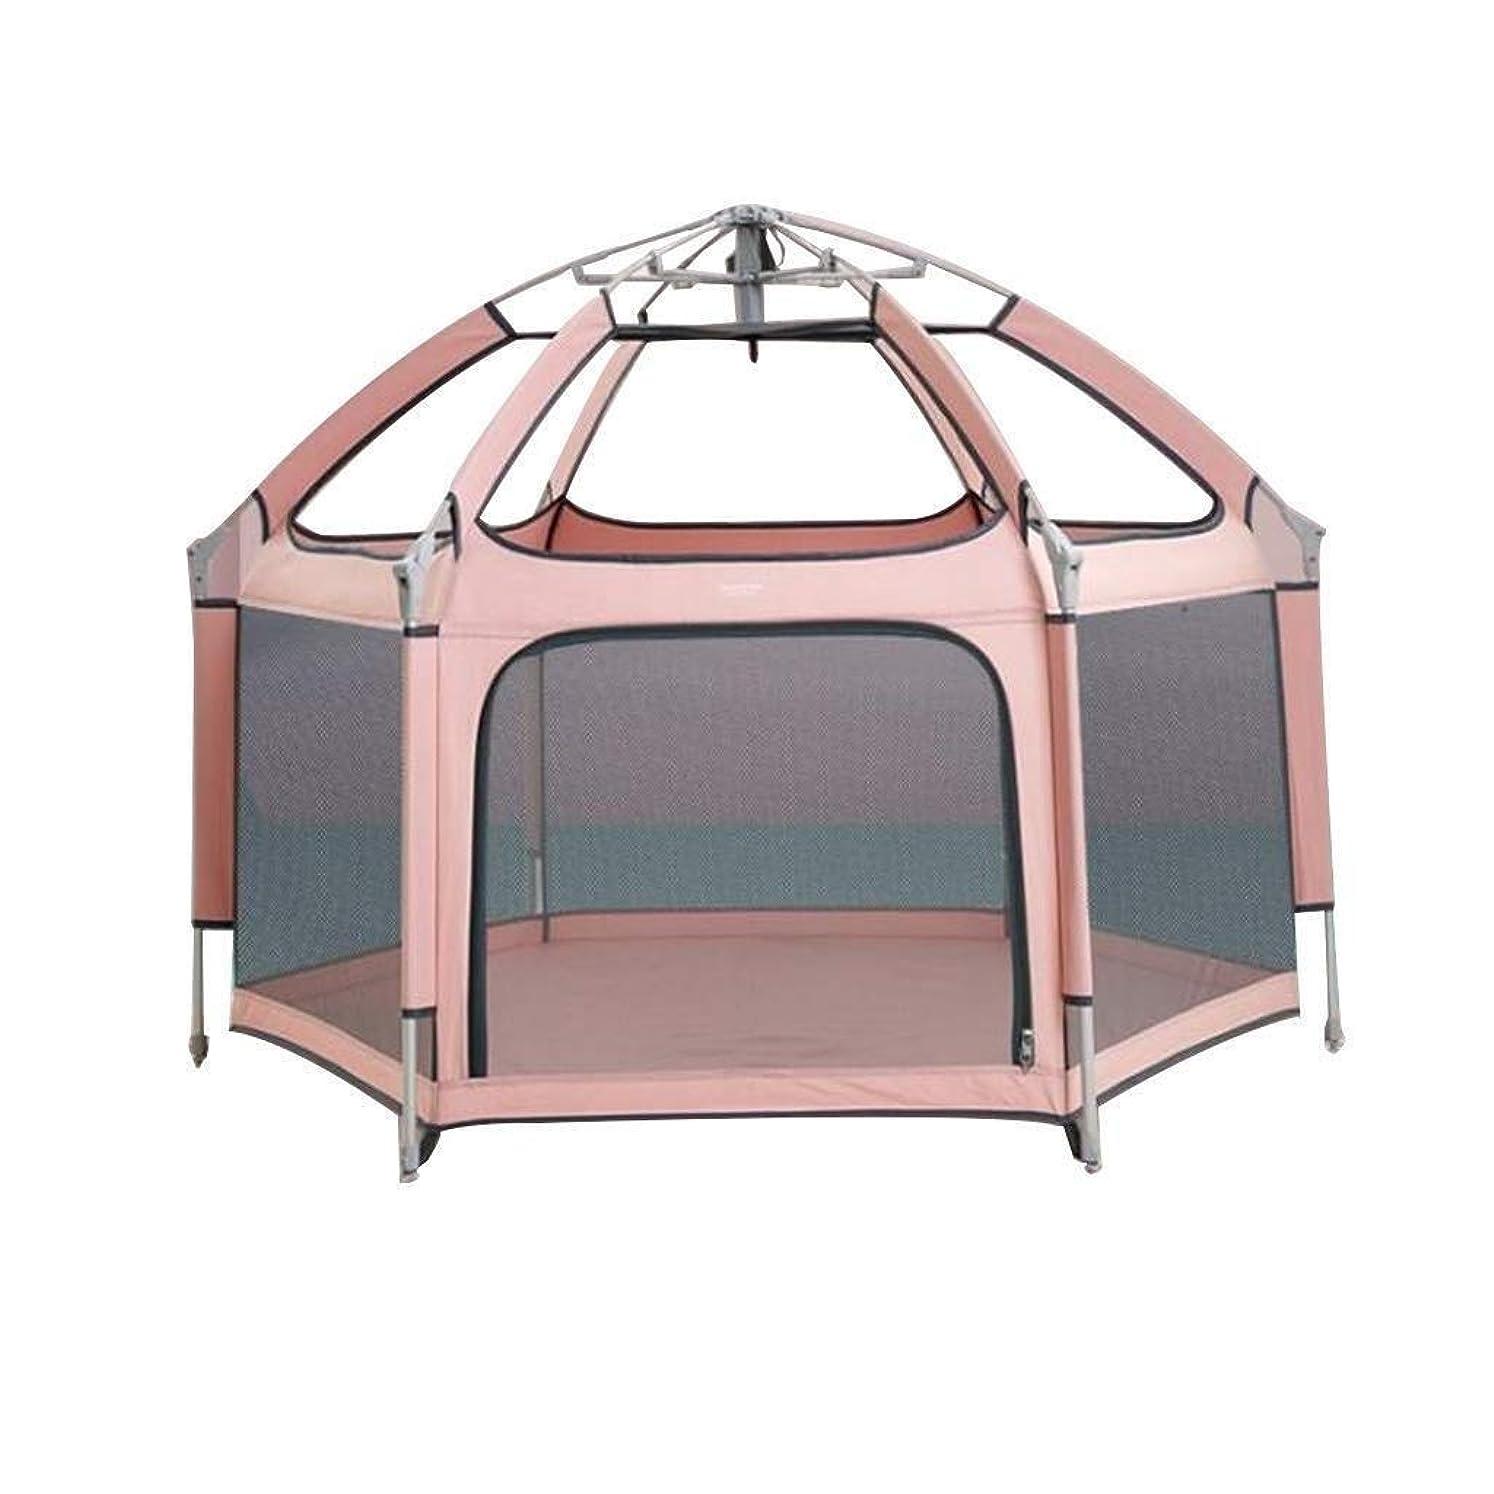 気づくなる憂慮すべき統合特大ベビーベビーサークルベビーフェンスおもちゃハウスベビーゲームベビーサークルキッズ安全プレイセンターヤードホーム屋内フェンスサイズ (Color : ピンク)